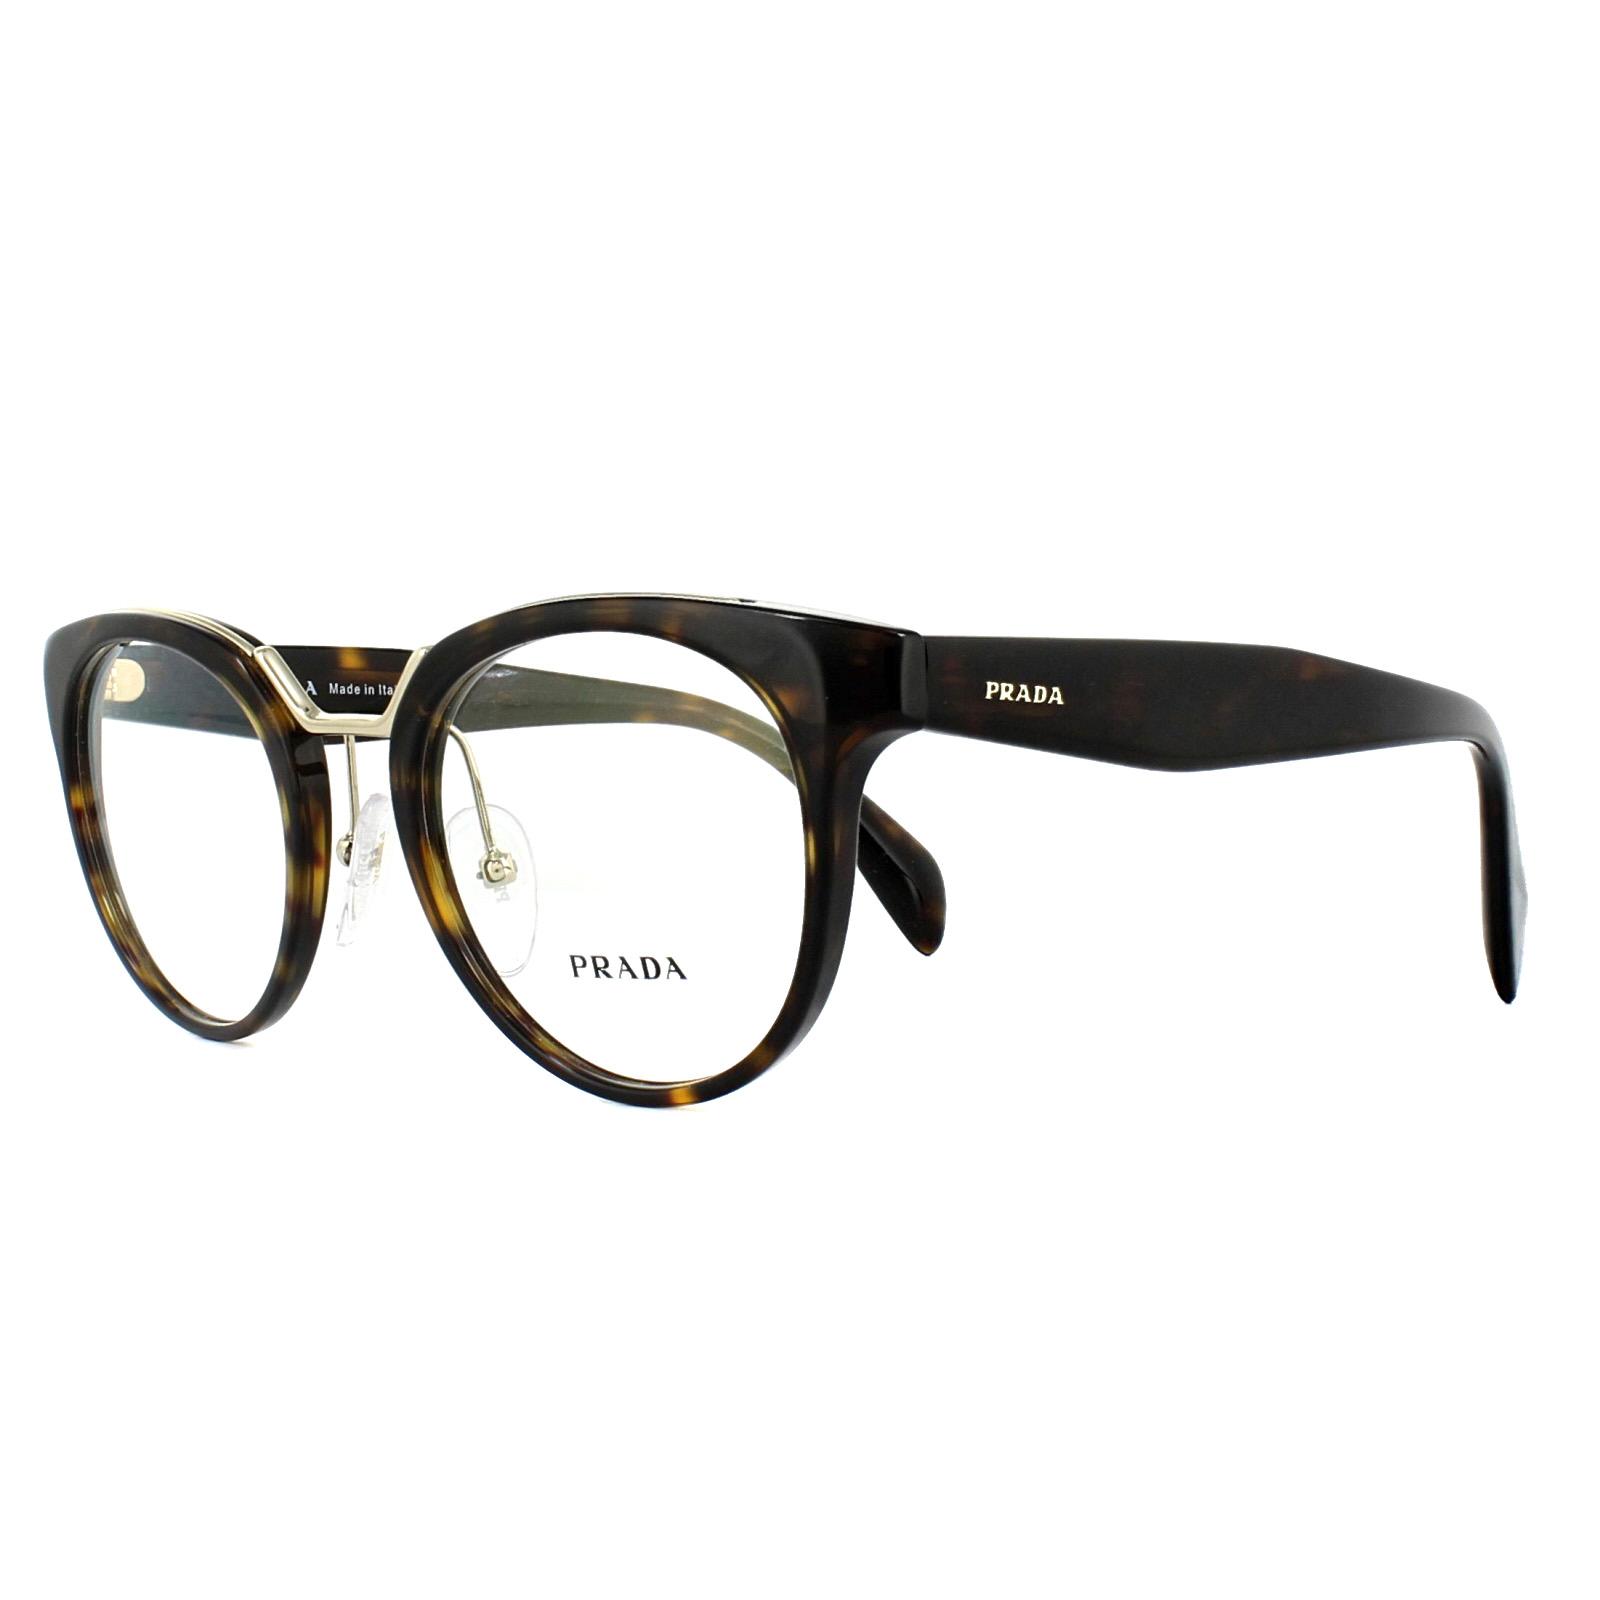 5af43de518 Prada Glasses Frames PR03UV 2AU1O1 Havana 49mm Womens 8053672781731 ...